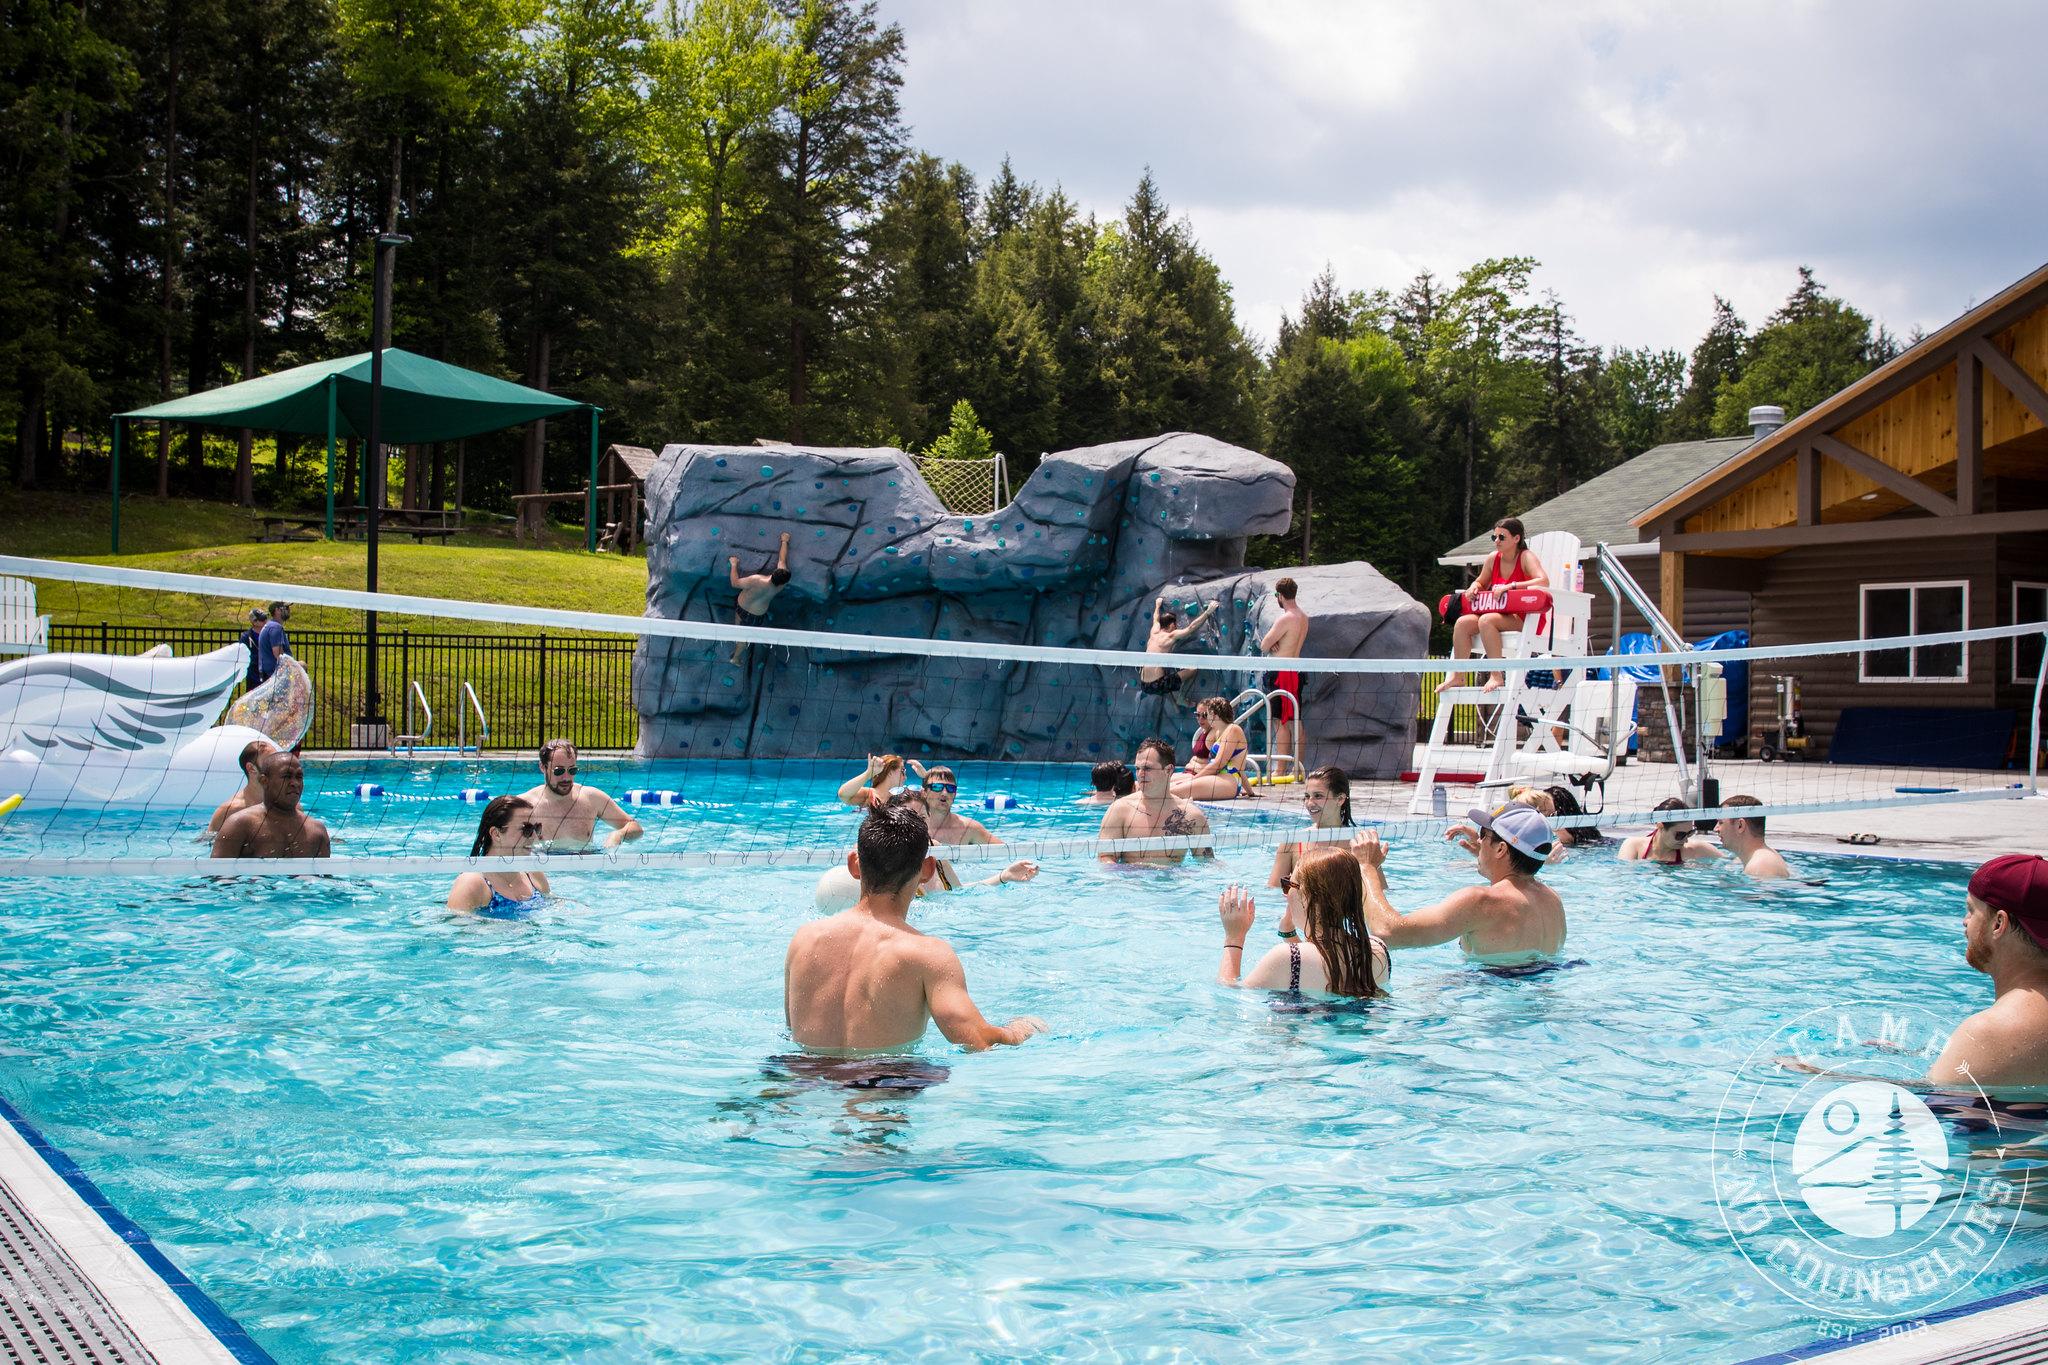 pool-parties-adults.jpg